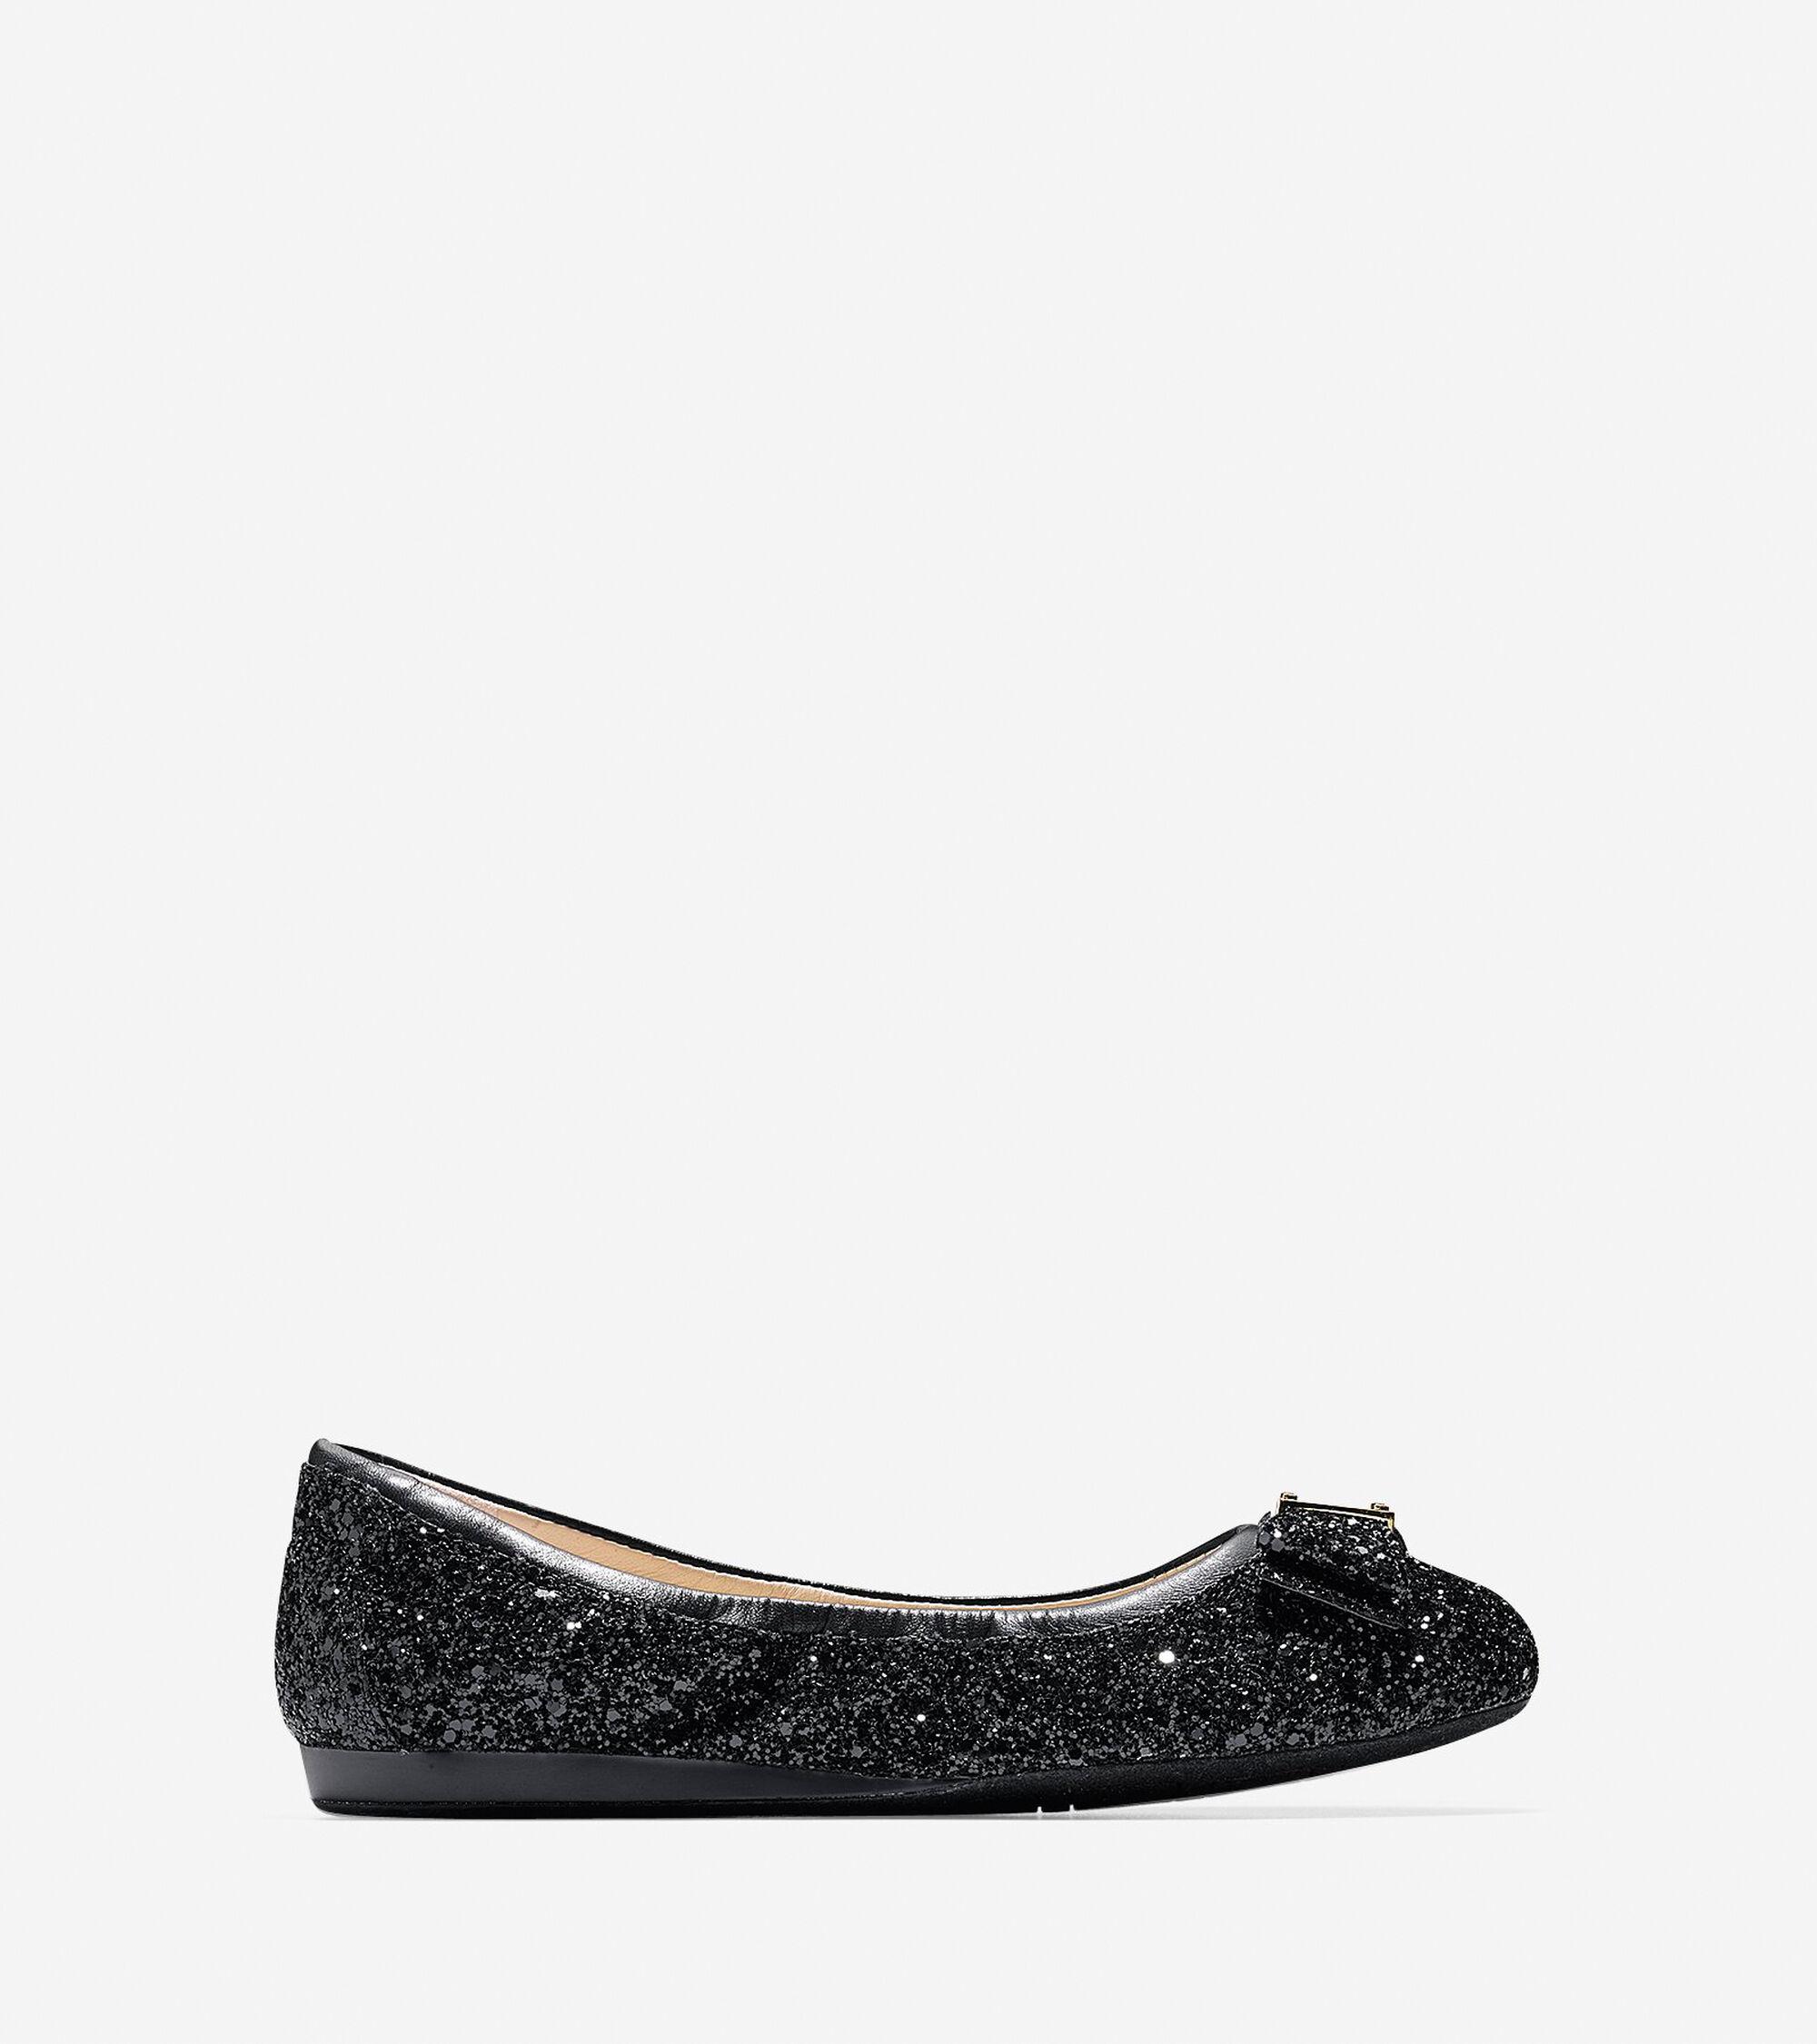 1047ff3cc6a4d Mila Black Glitter Ballet Flats For Women Black Glitter Flats Women: Women's  Tali Bow Ballet Flats In Black Glitter